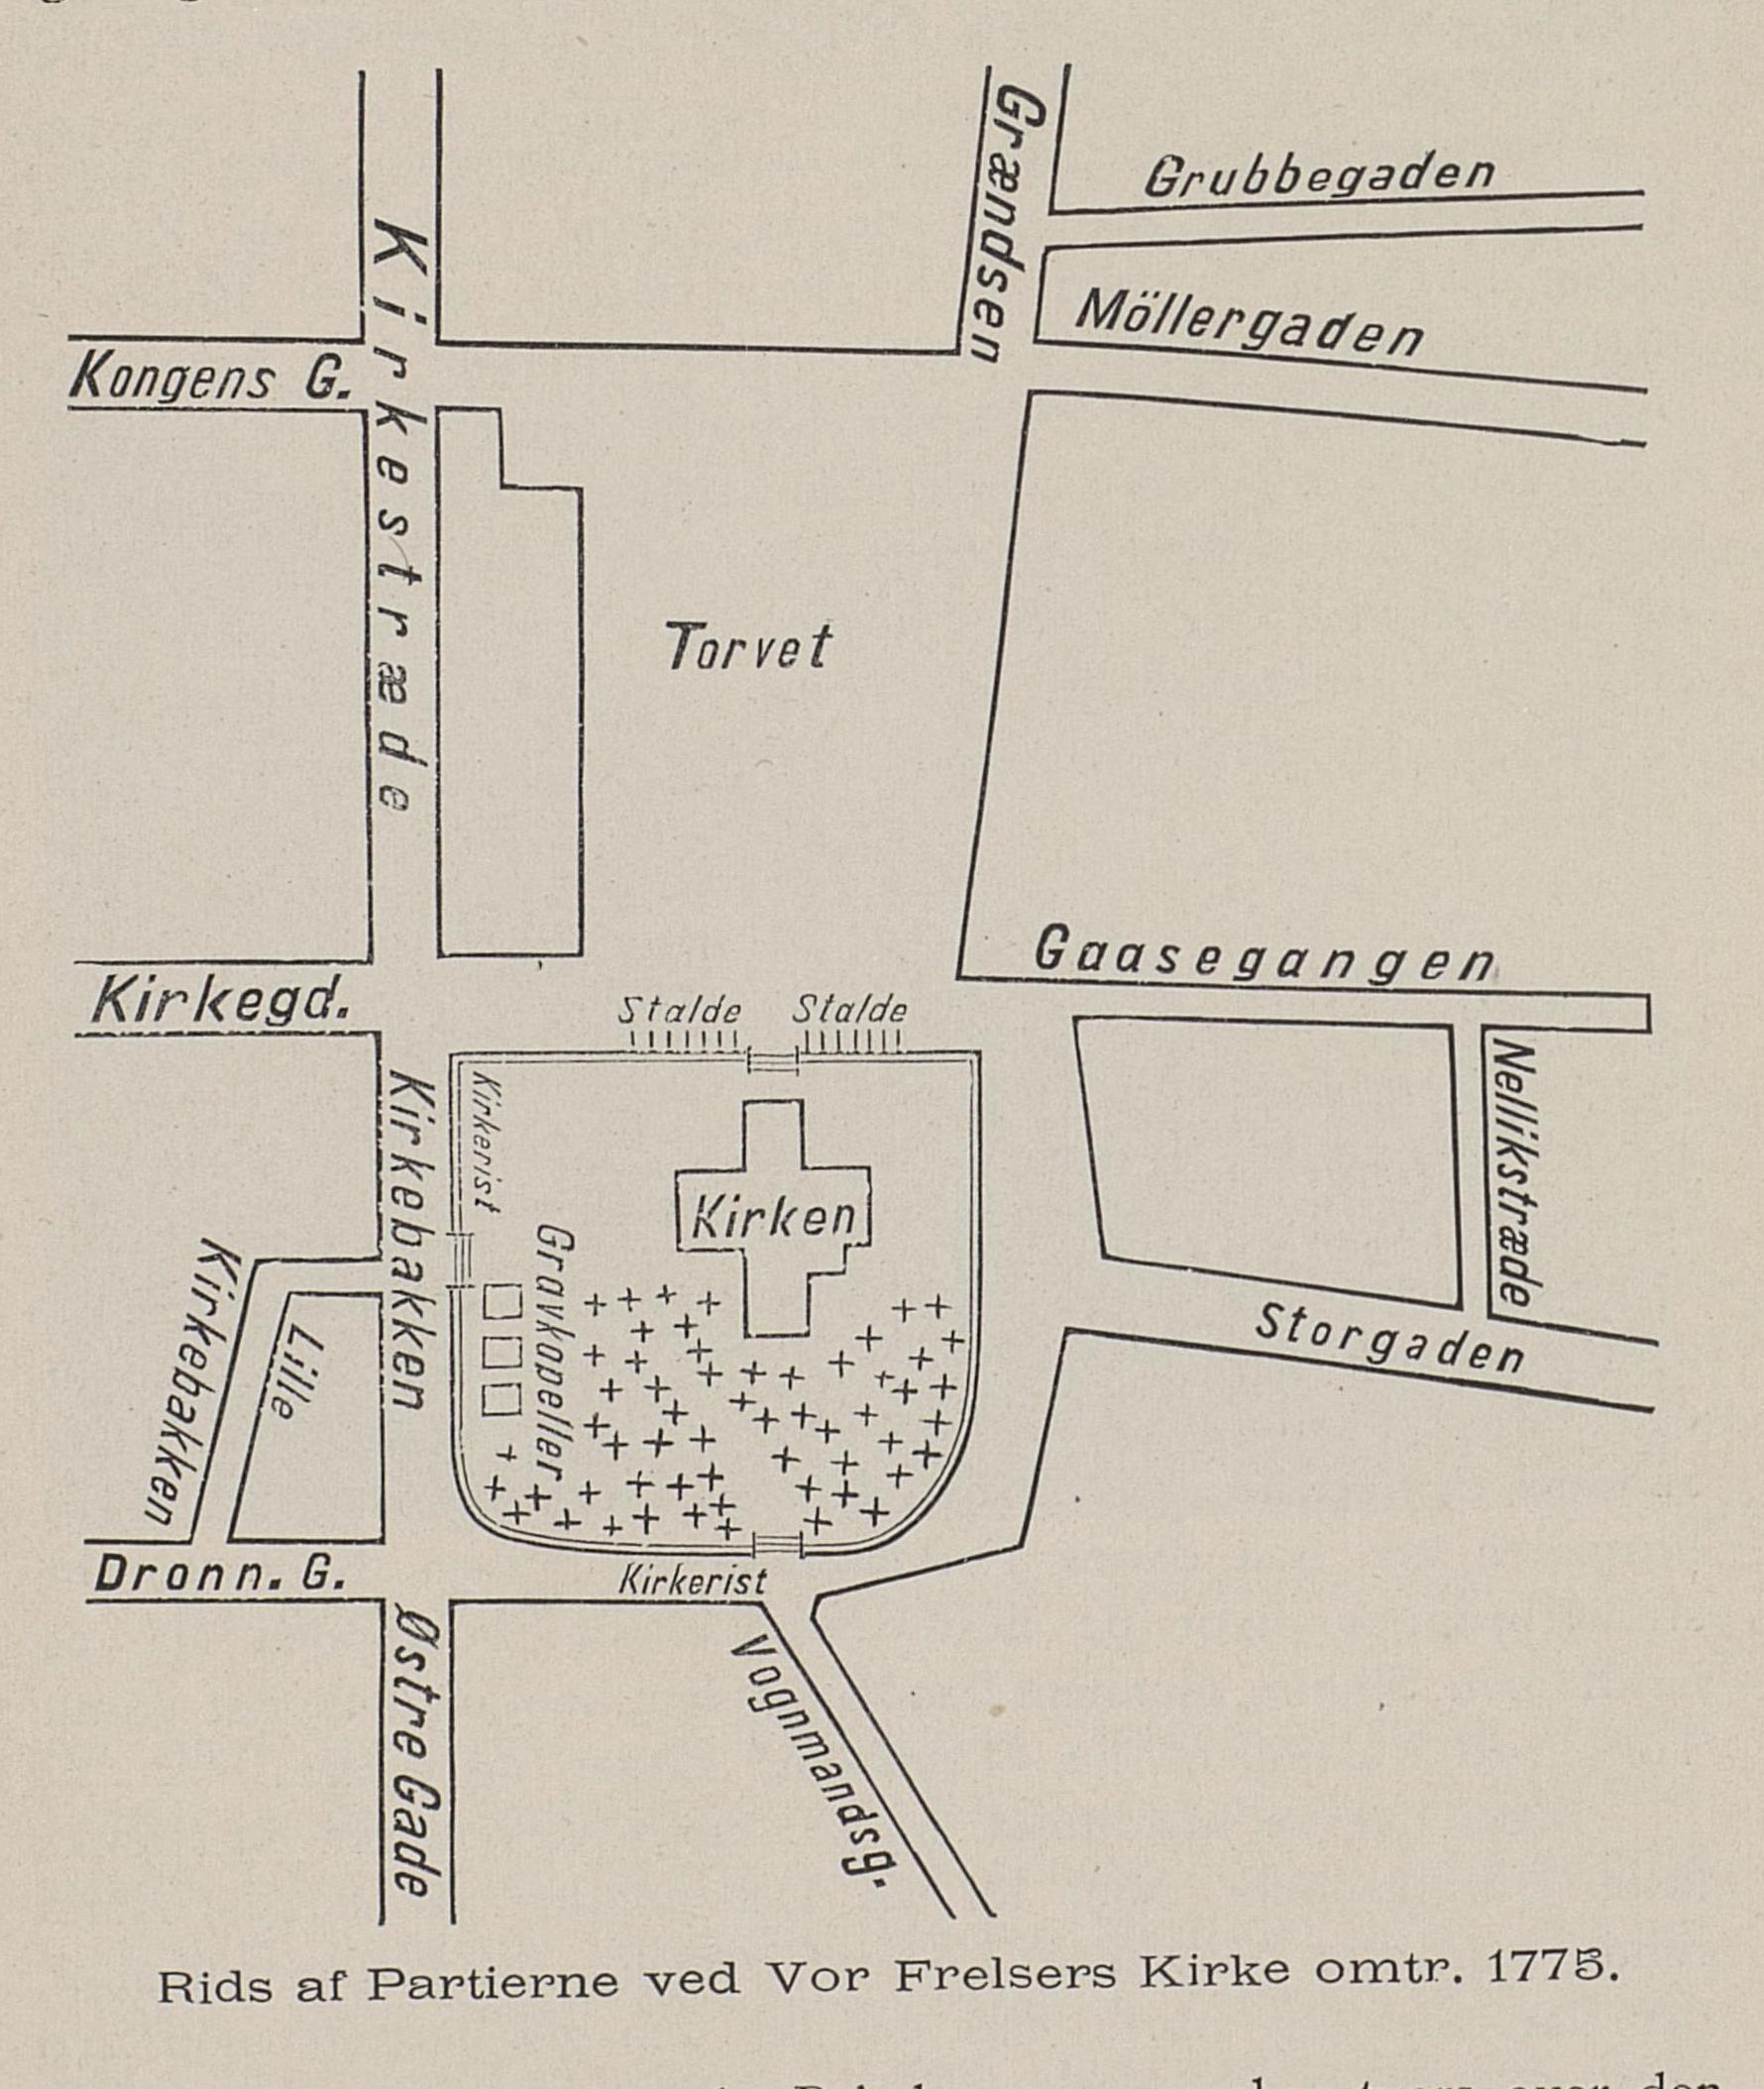 File:Stortorvet fra Alf Collett 1893.jpg - Wikimedia Commons